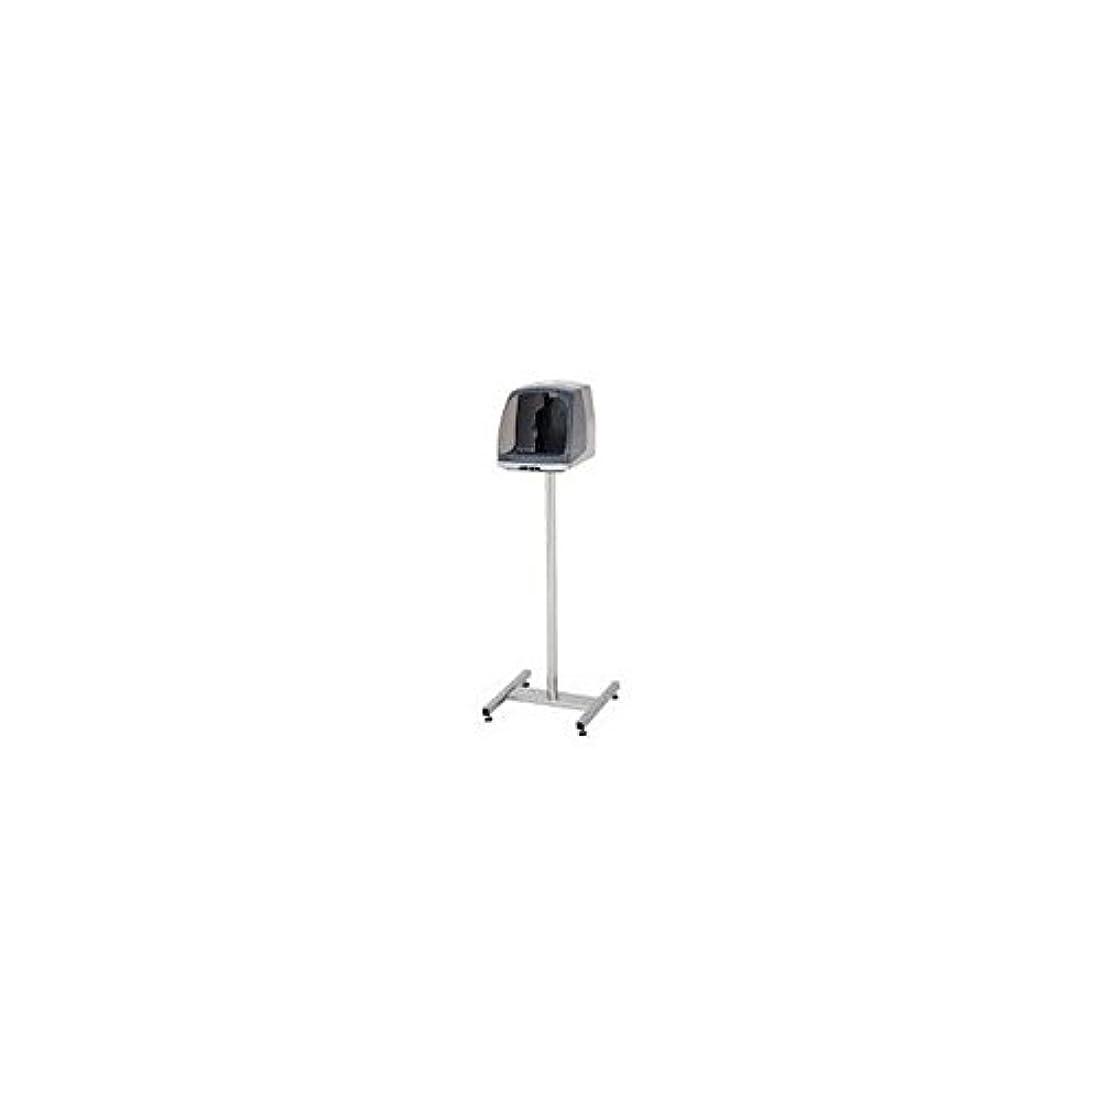 行列できた建築自動手指消毒器 HDI-9000用 架台スタンド キャスターなし 【品番】XSY8501